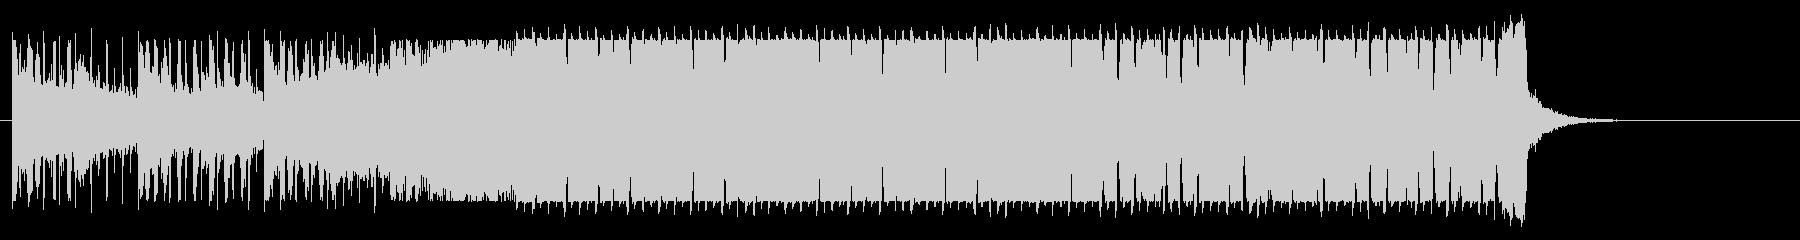 ピコピコした音が特徴的なドラムンベースの未再生の波形